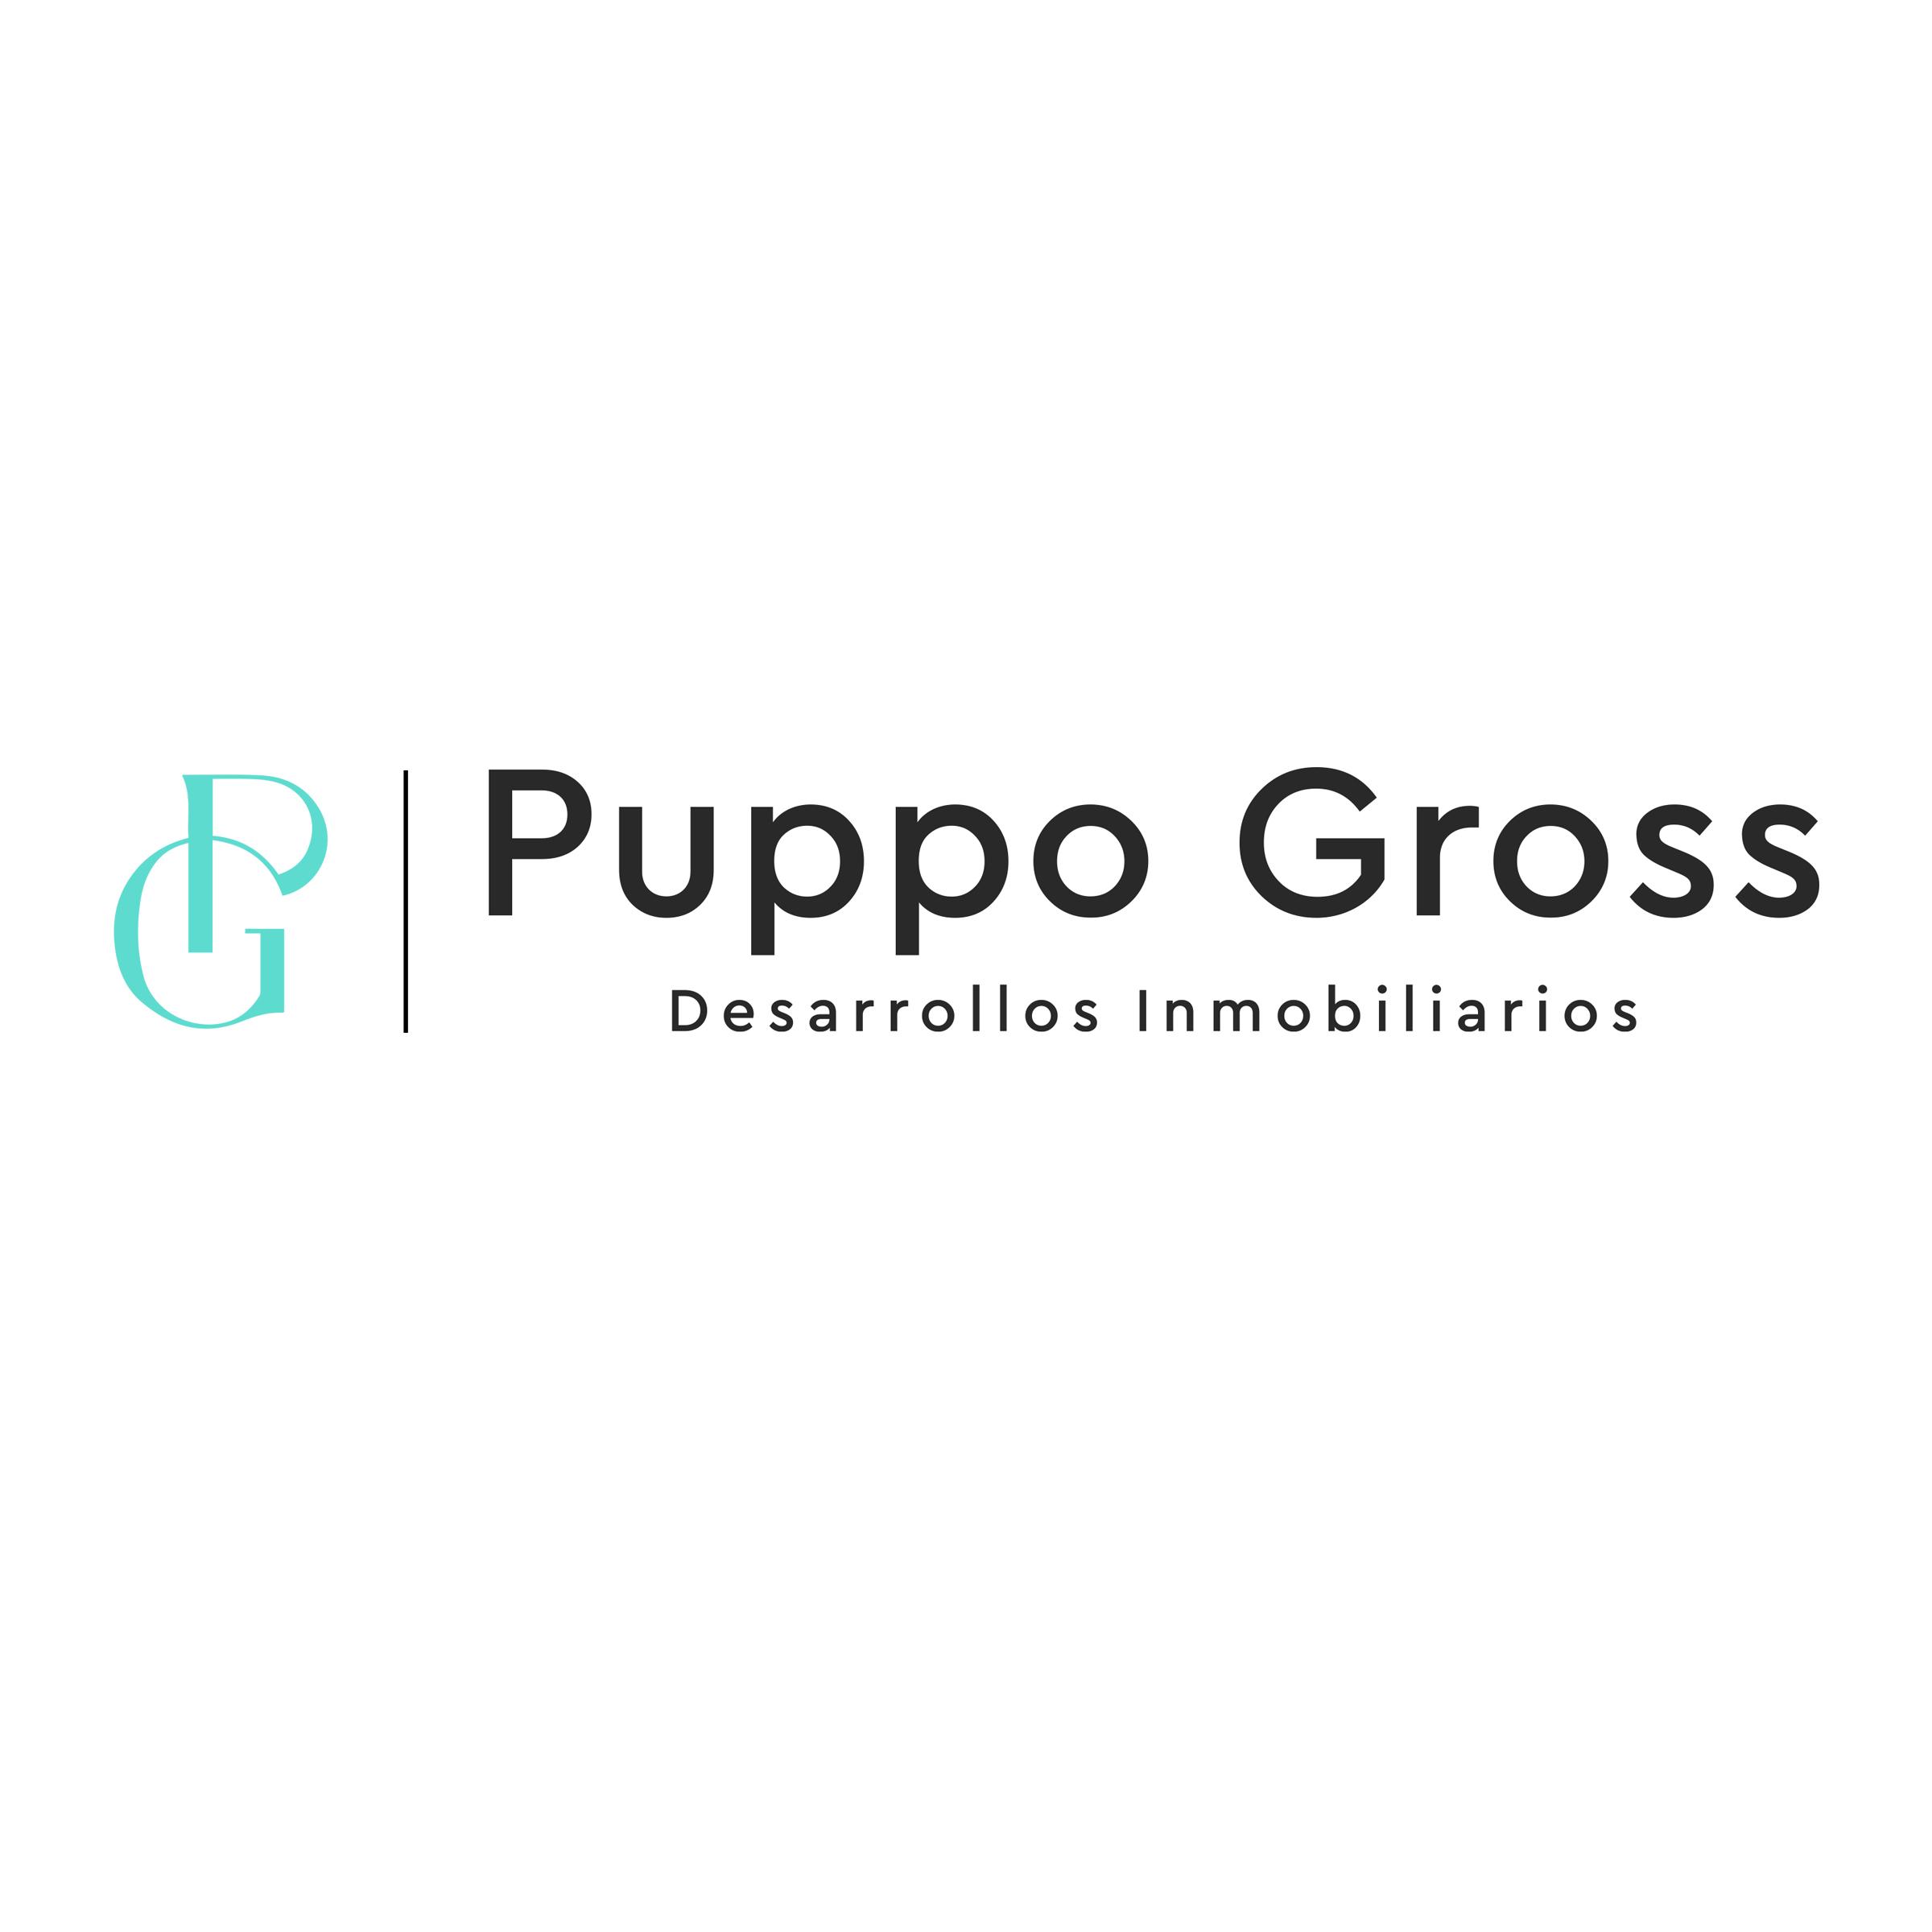 Puppo Gross Desarrollos Inmobiliarios